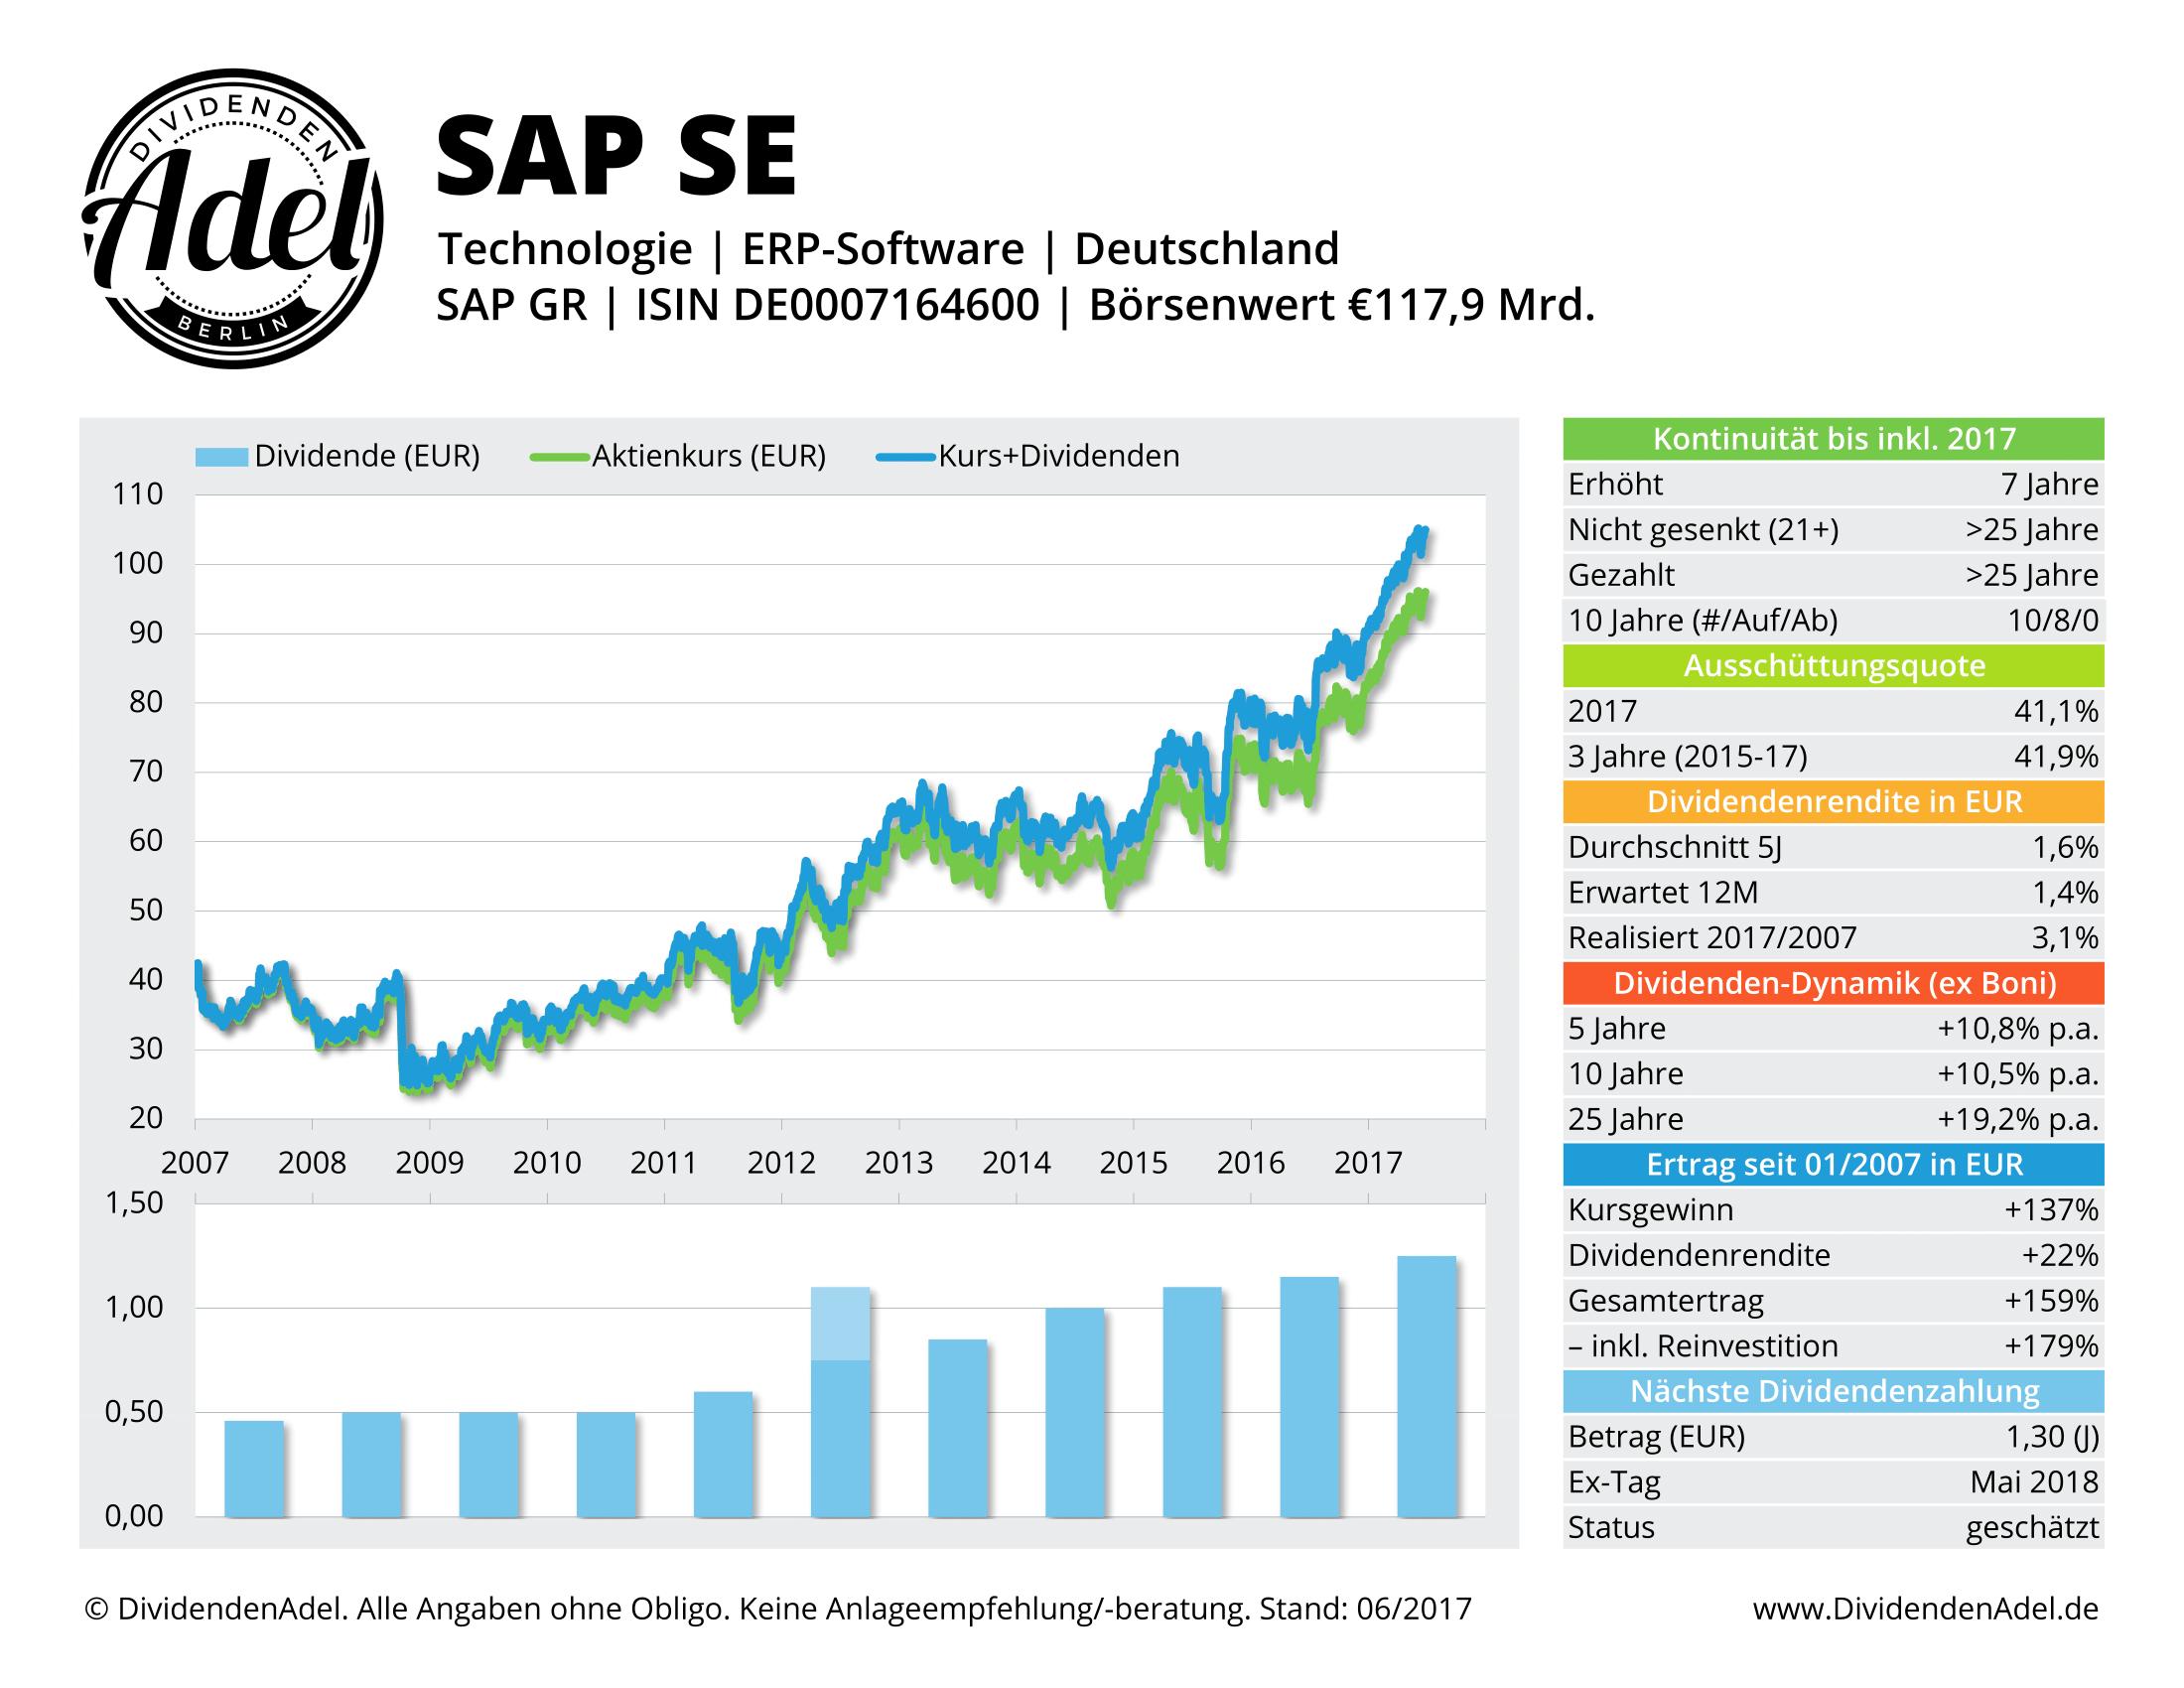 SAP SE DividendenAdel-Profil